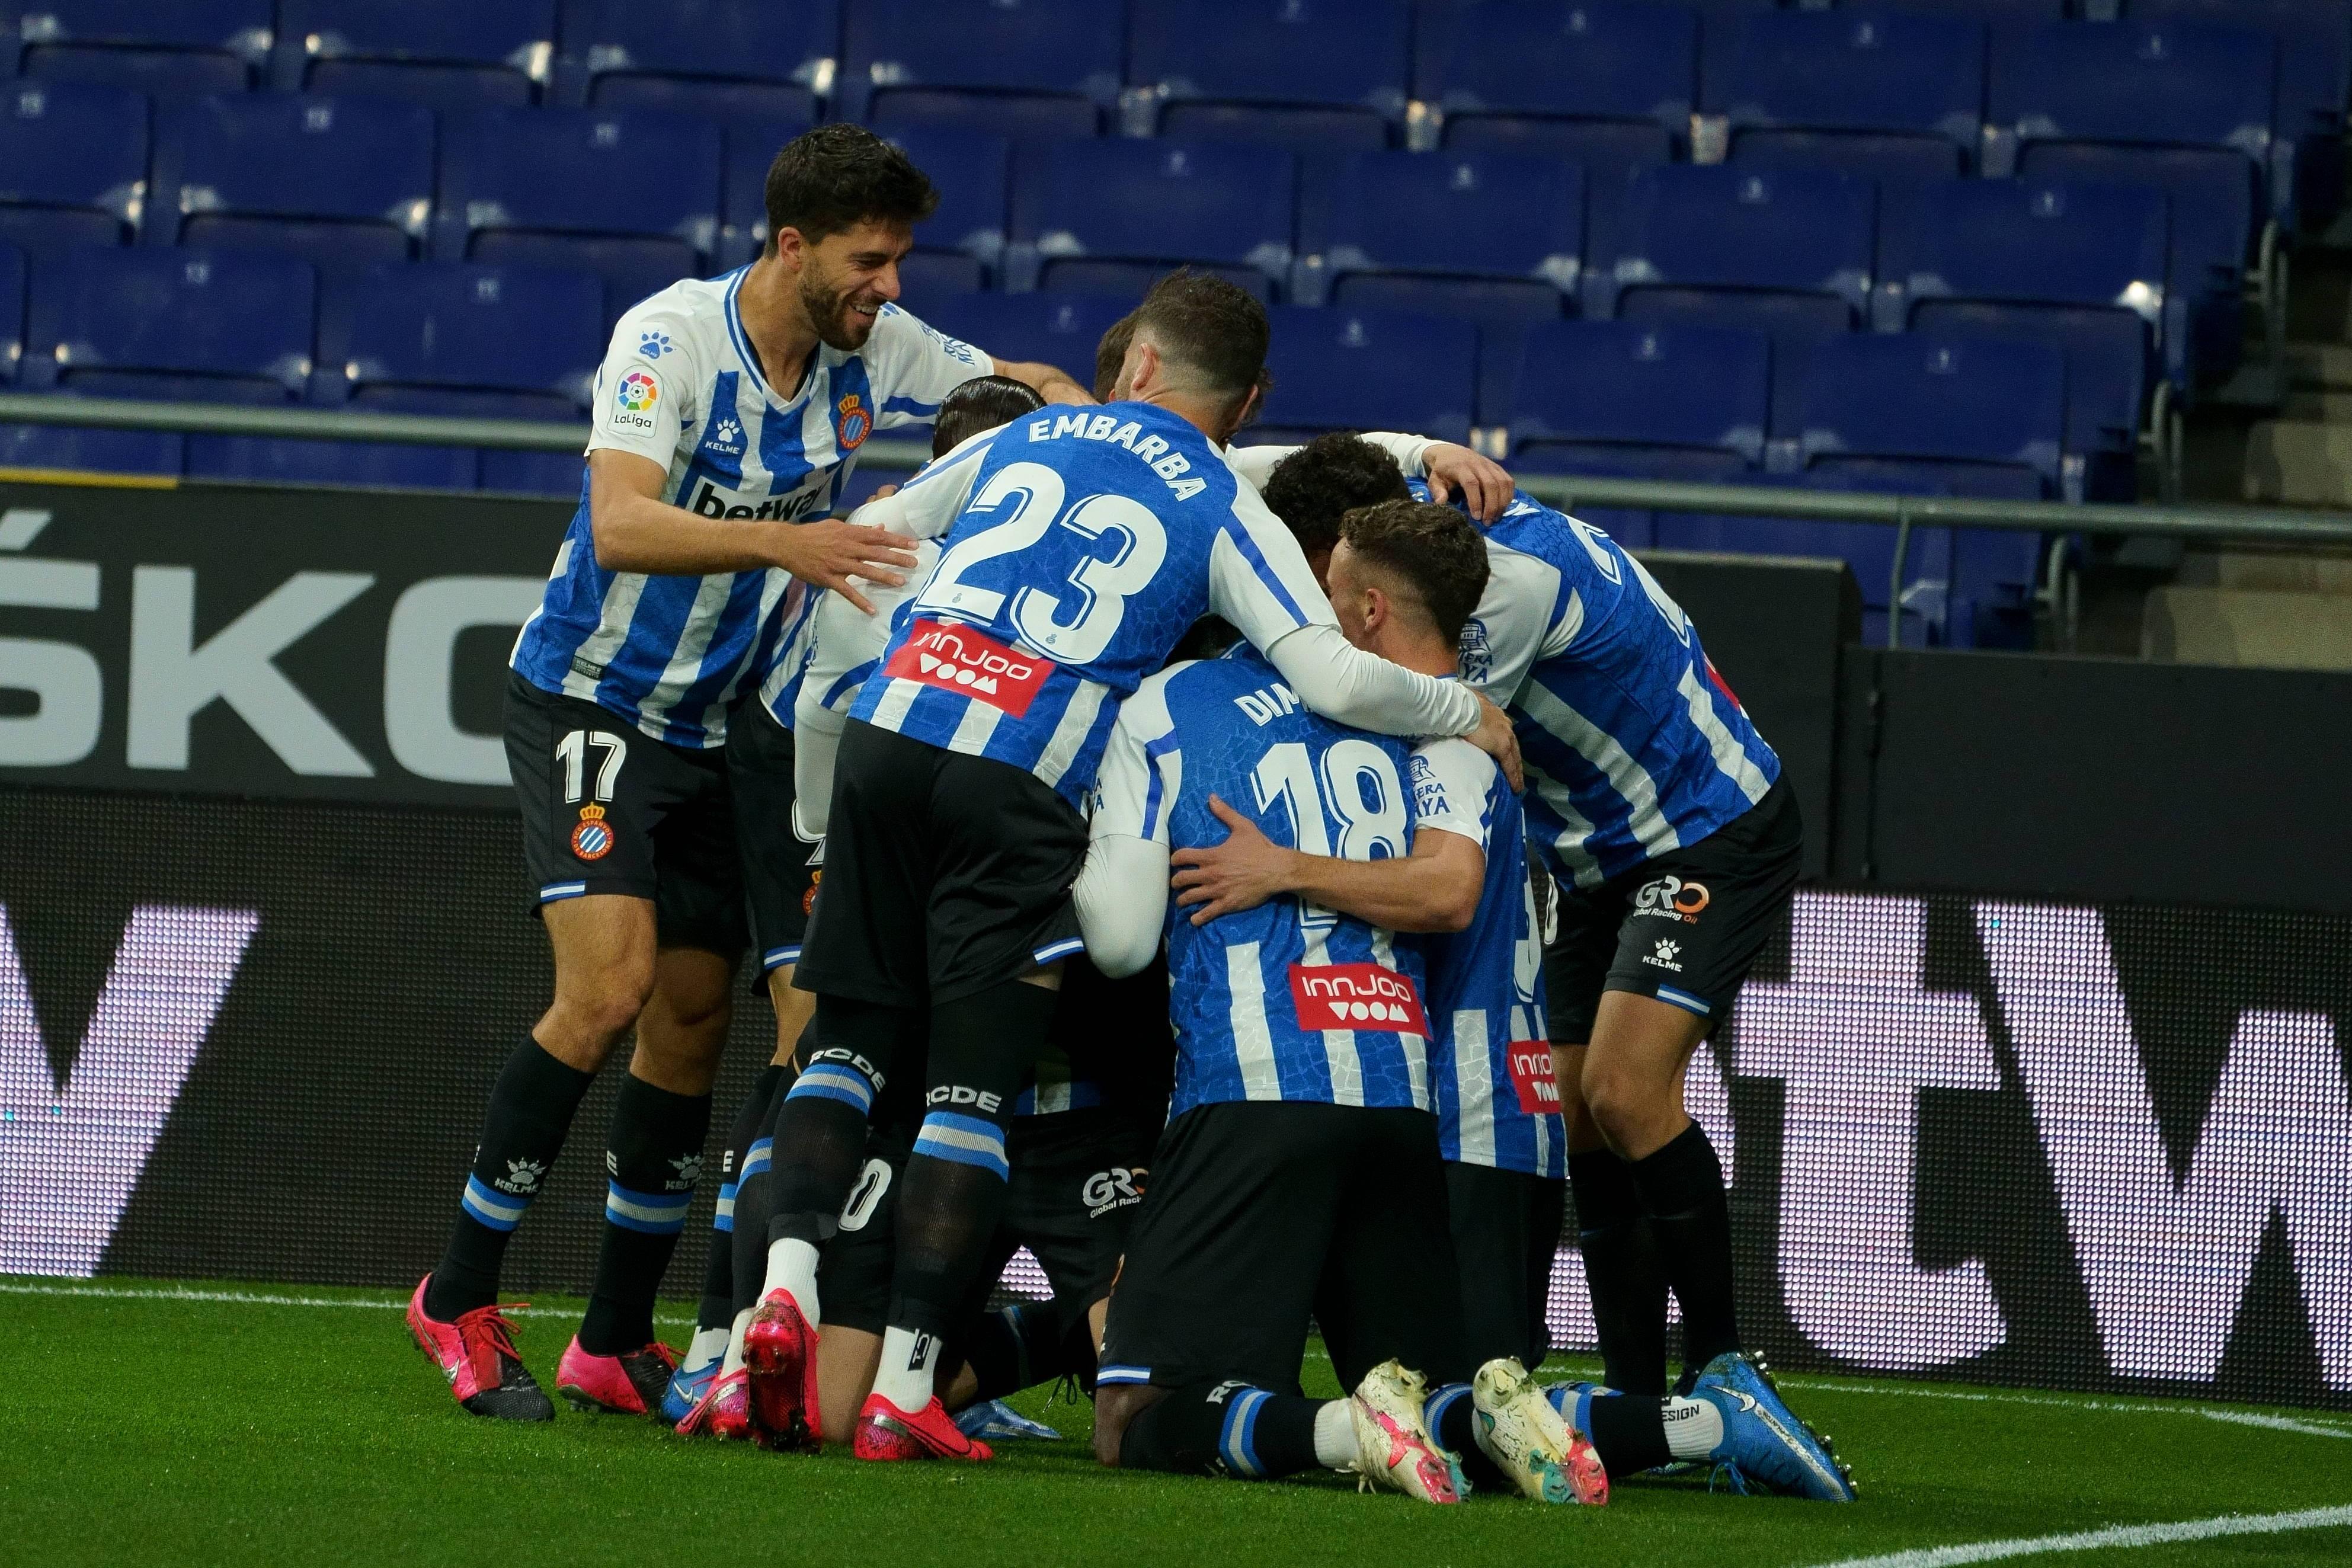 西乙-武磊第89分钟替补登场 西班牙人2-1豪取5连胜